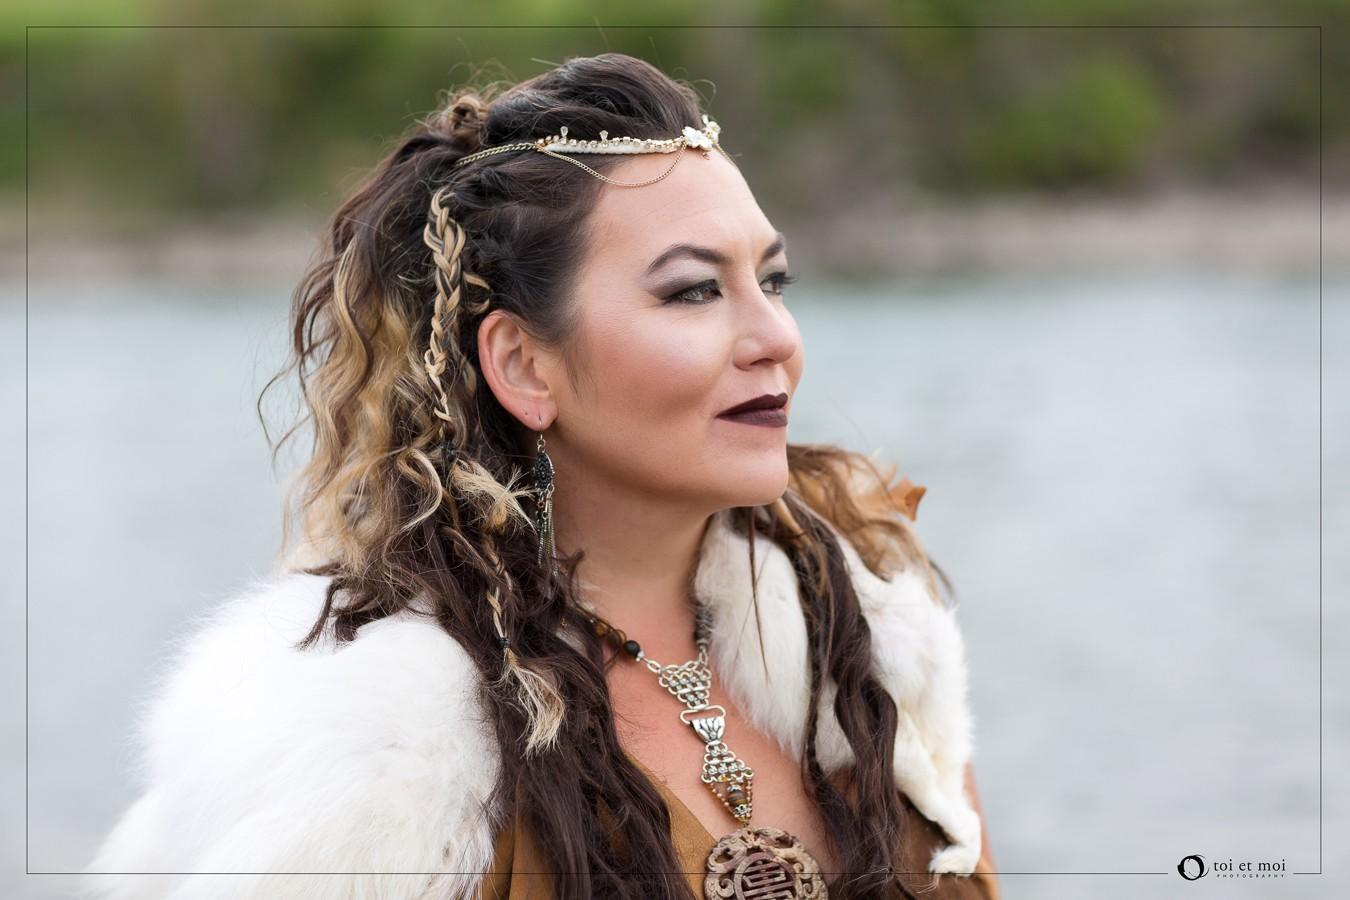 Viking goddess inspired shoot